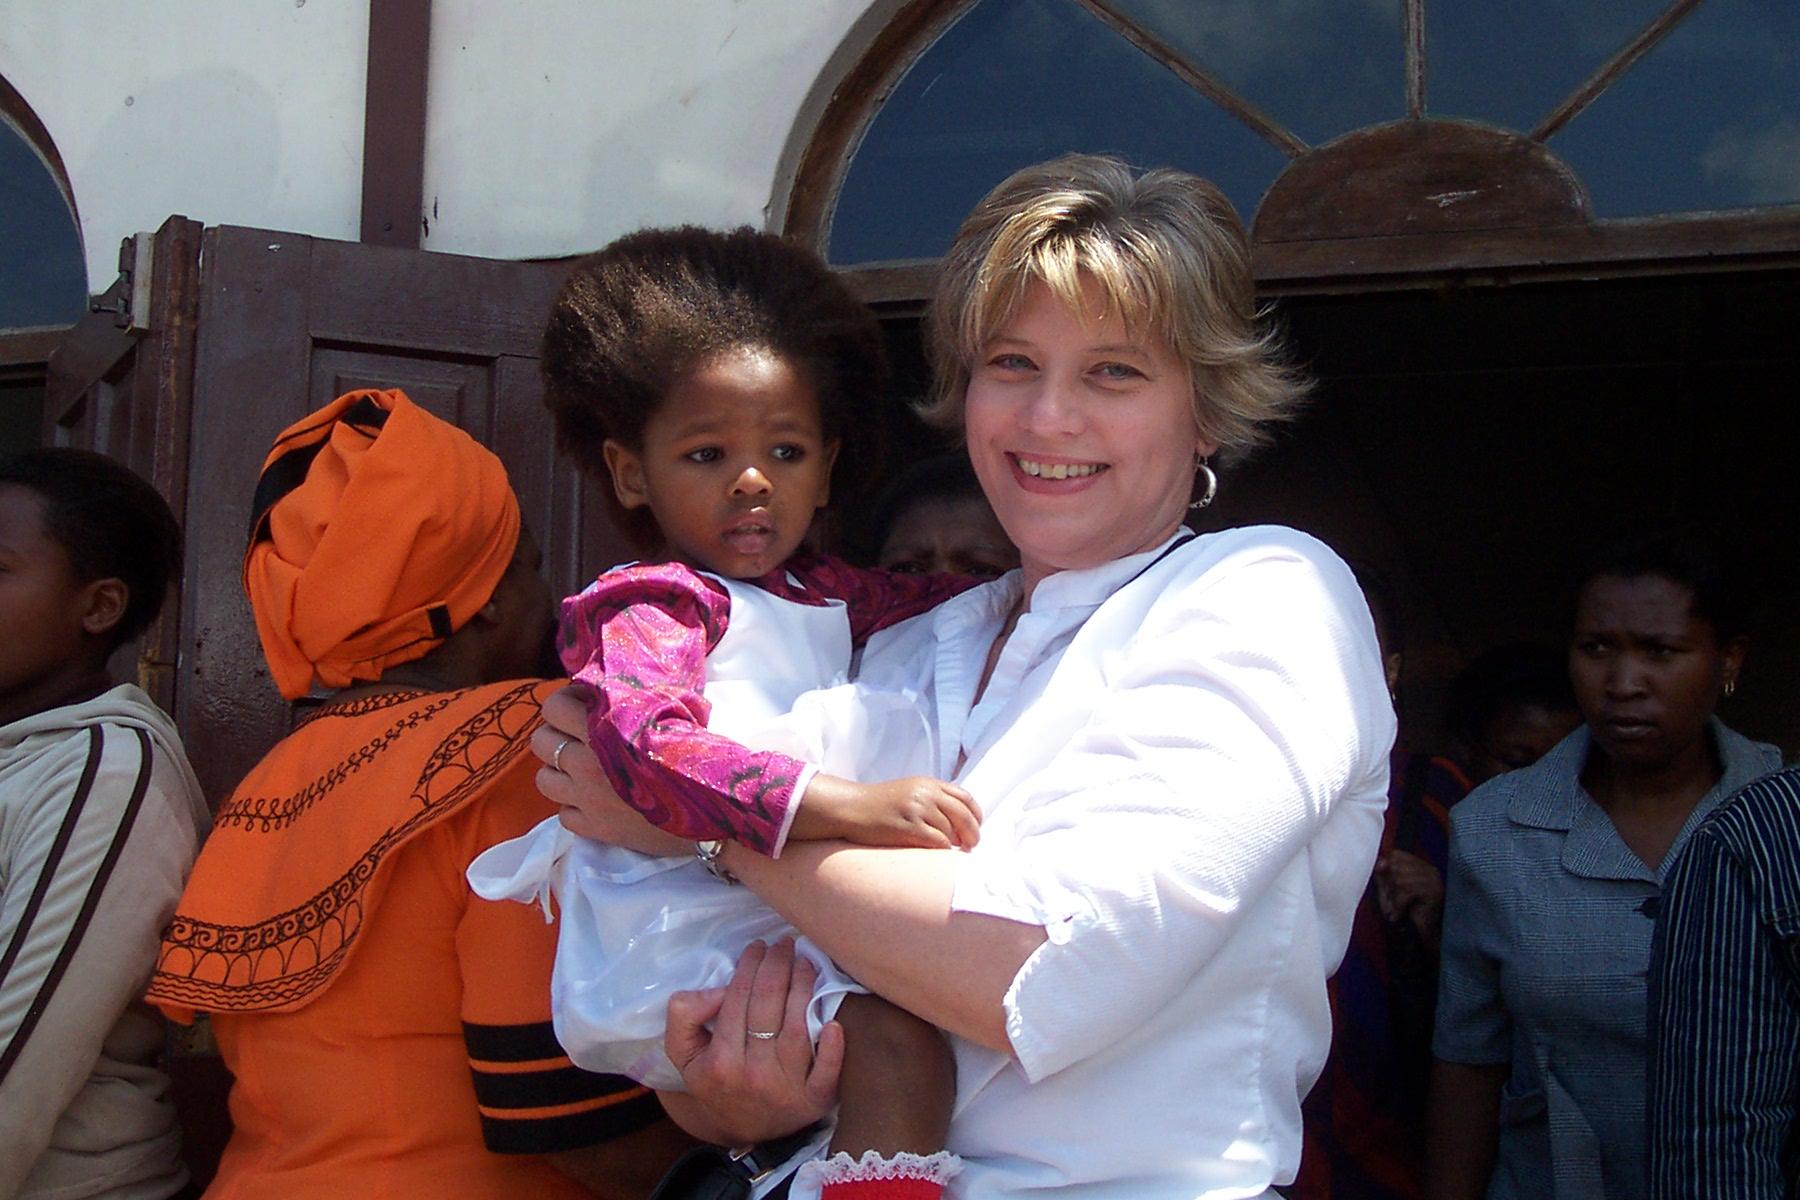 Sunday church service in Guguletu, South Africa